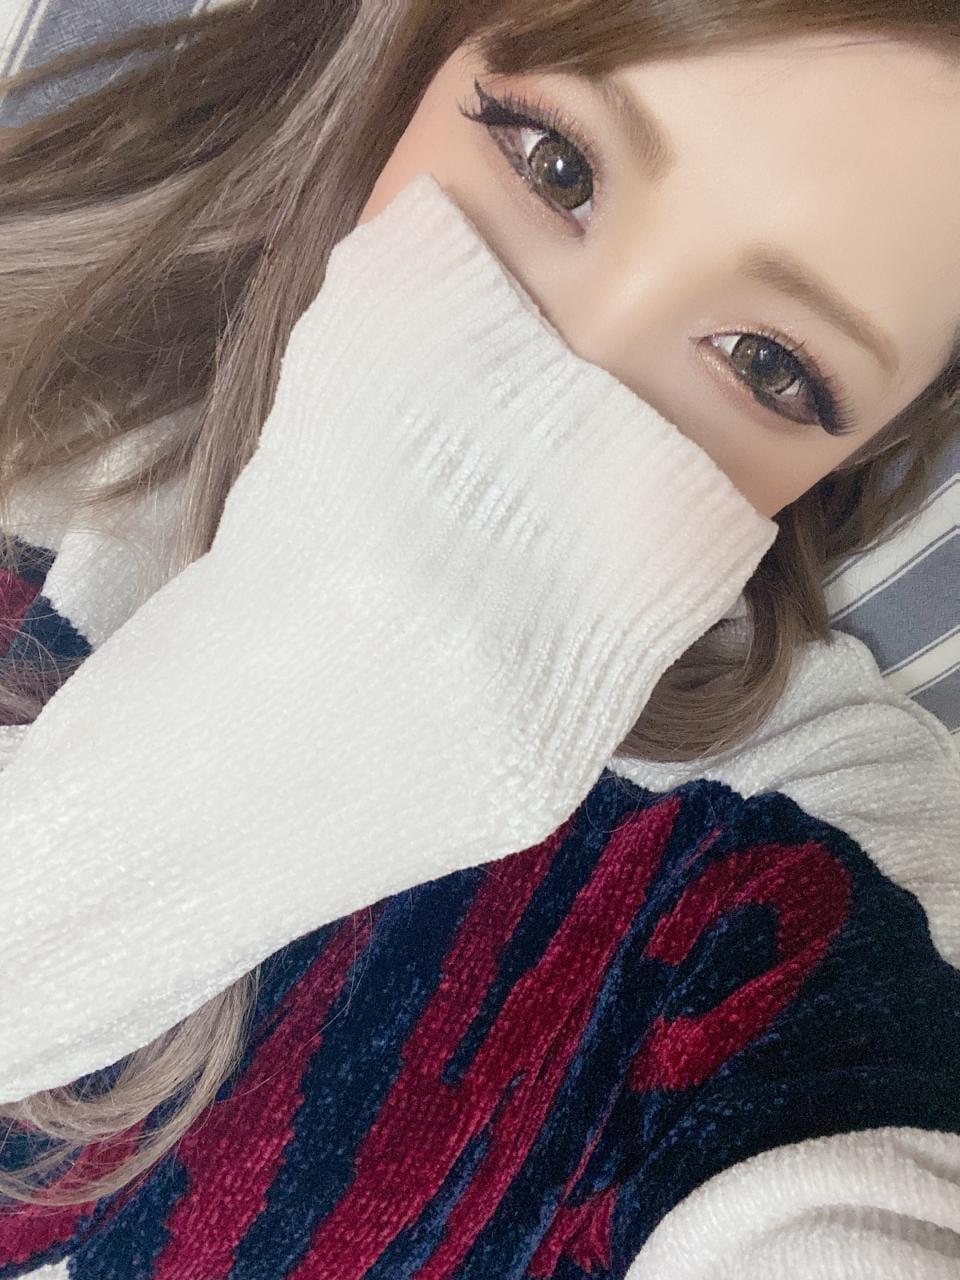 「おれいっ」03/28(03/28) 17:22 | ☆ちひろ(21)☆の写メ・風俗動画